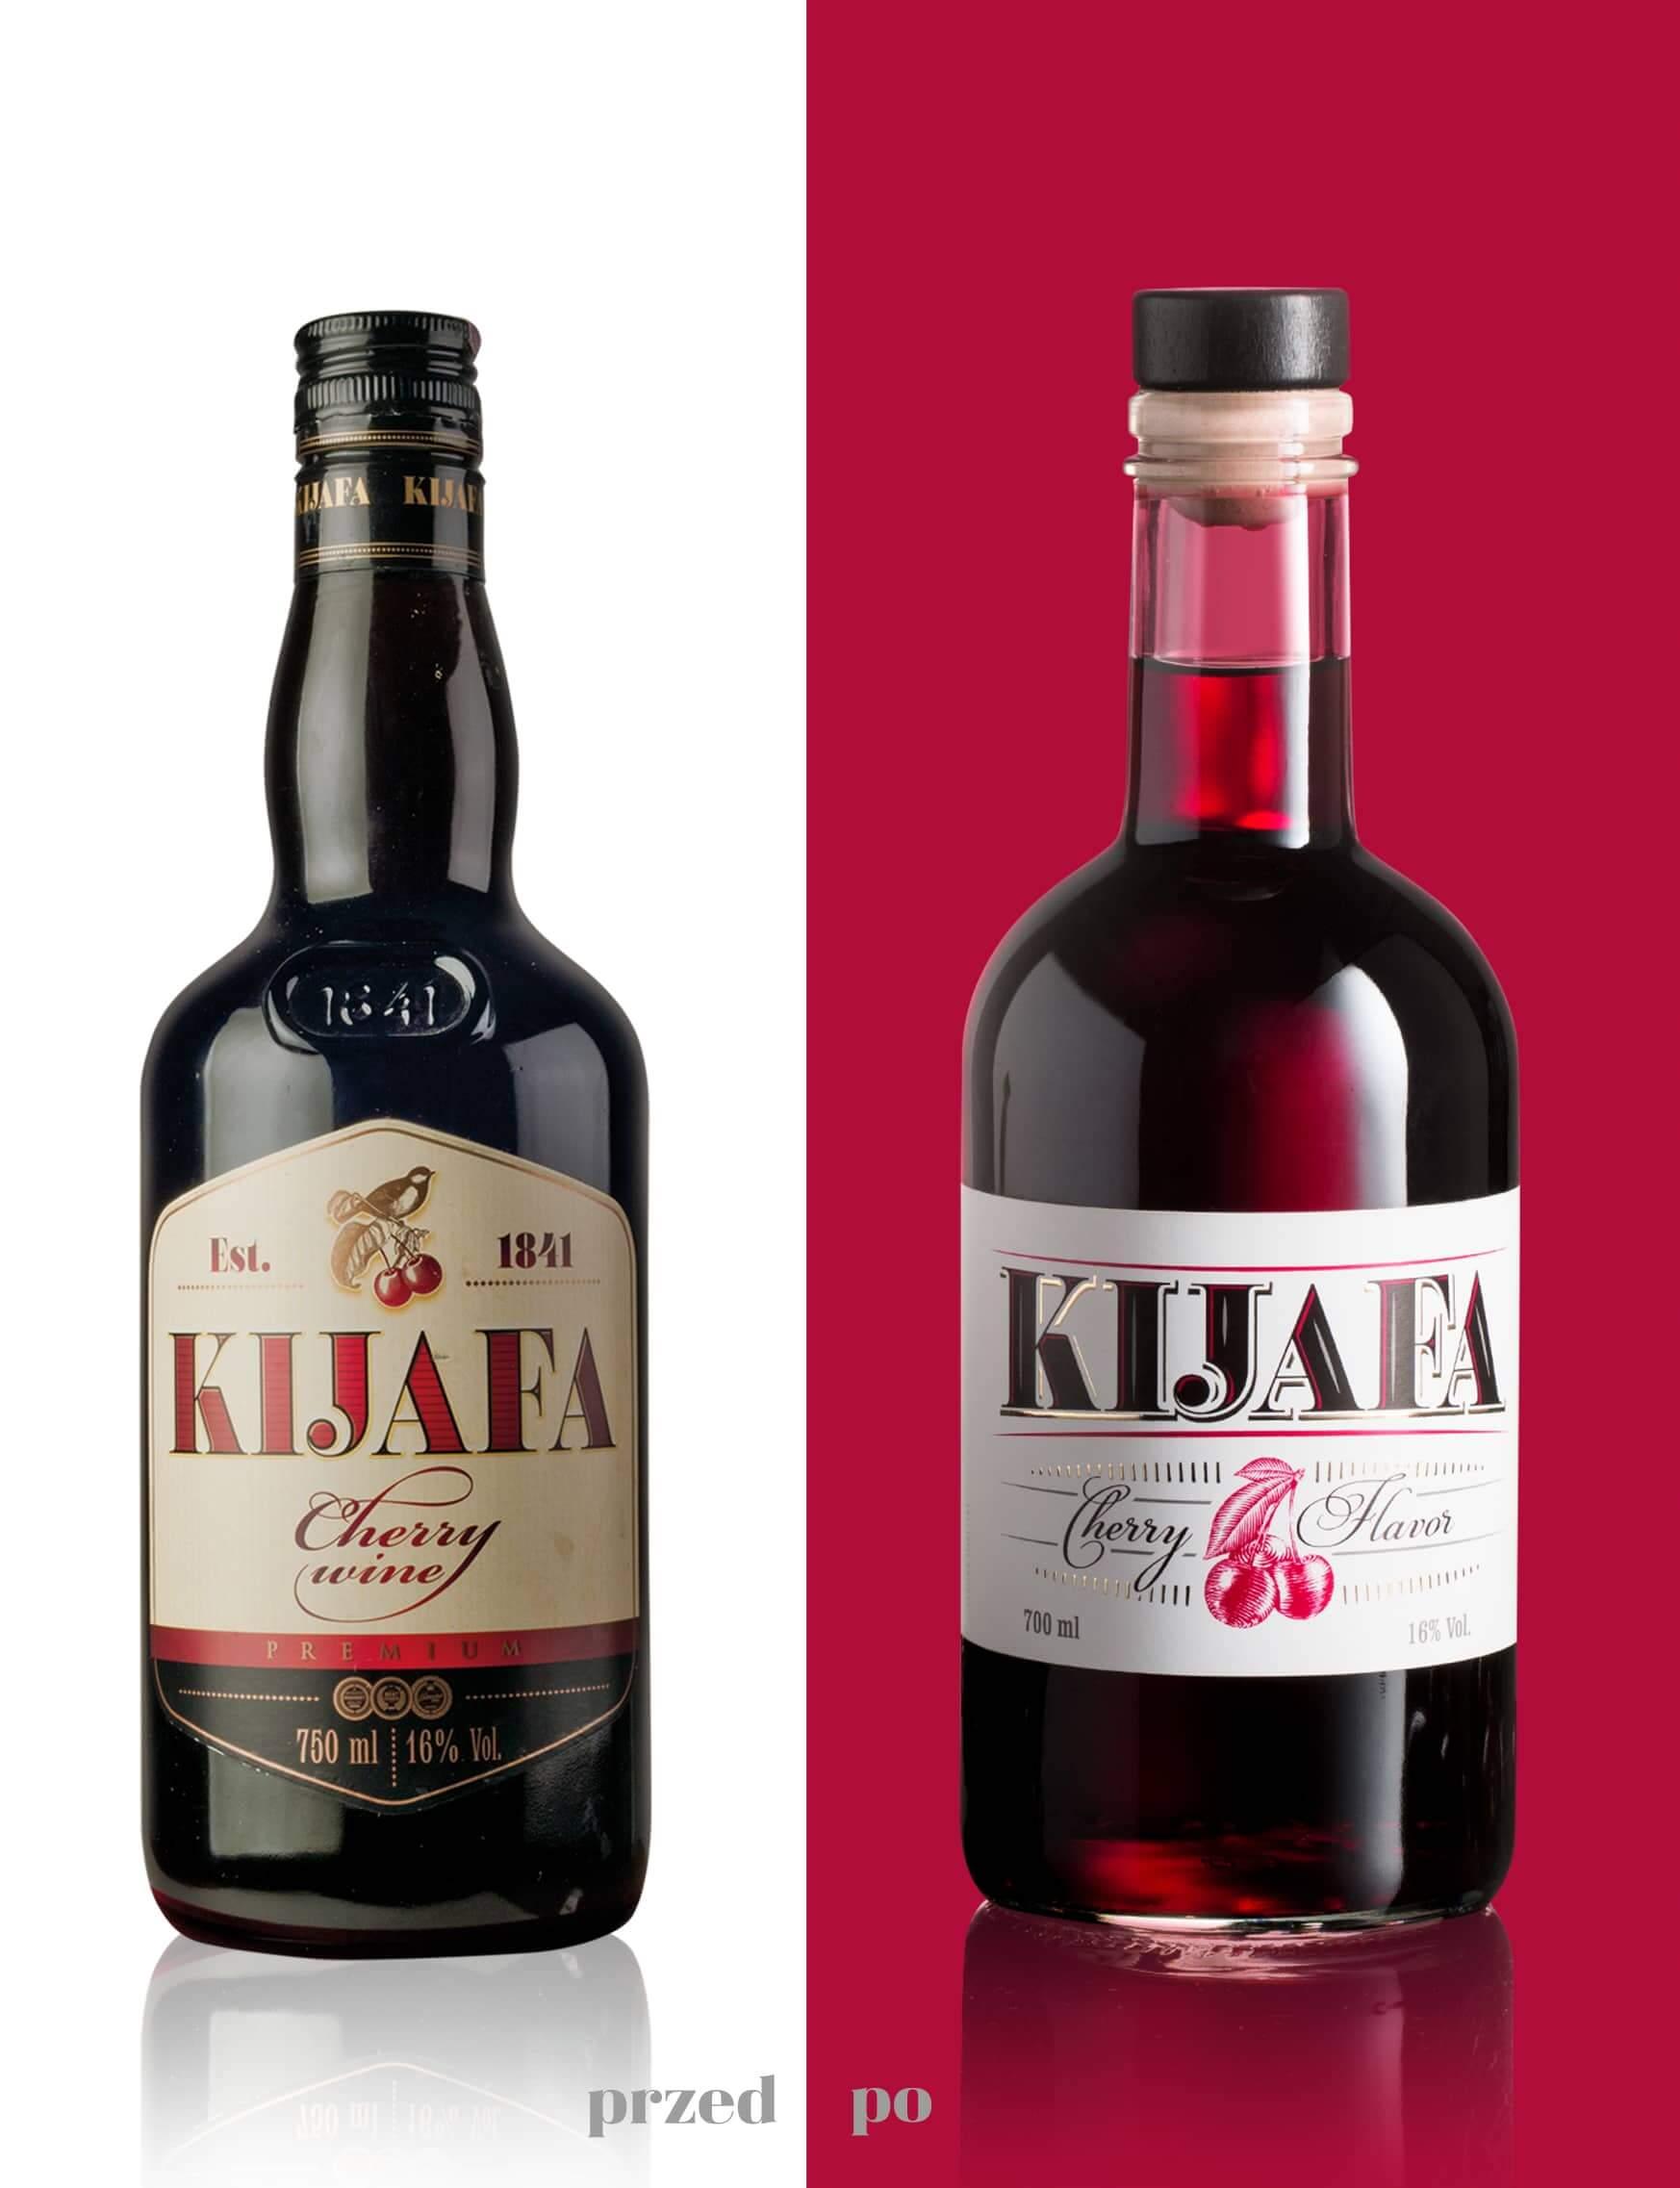 Kijafa - brand design